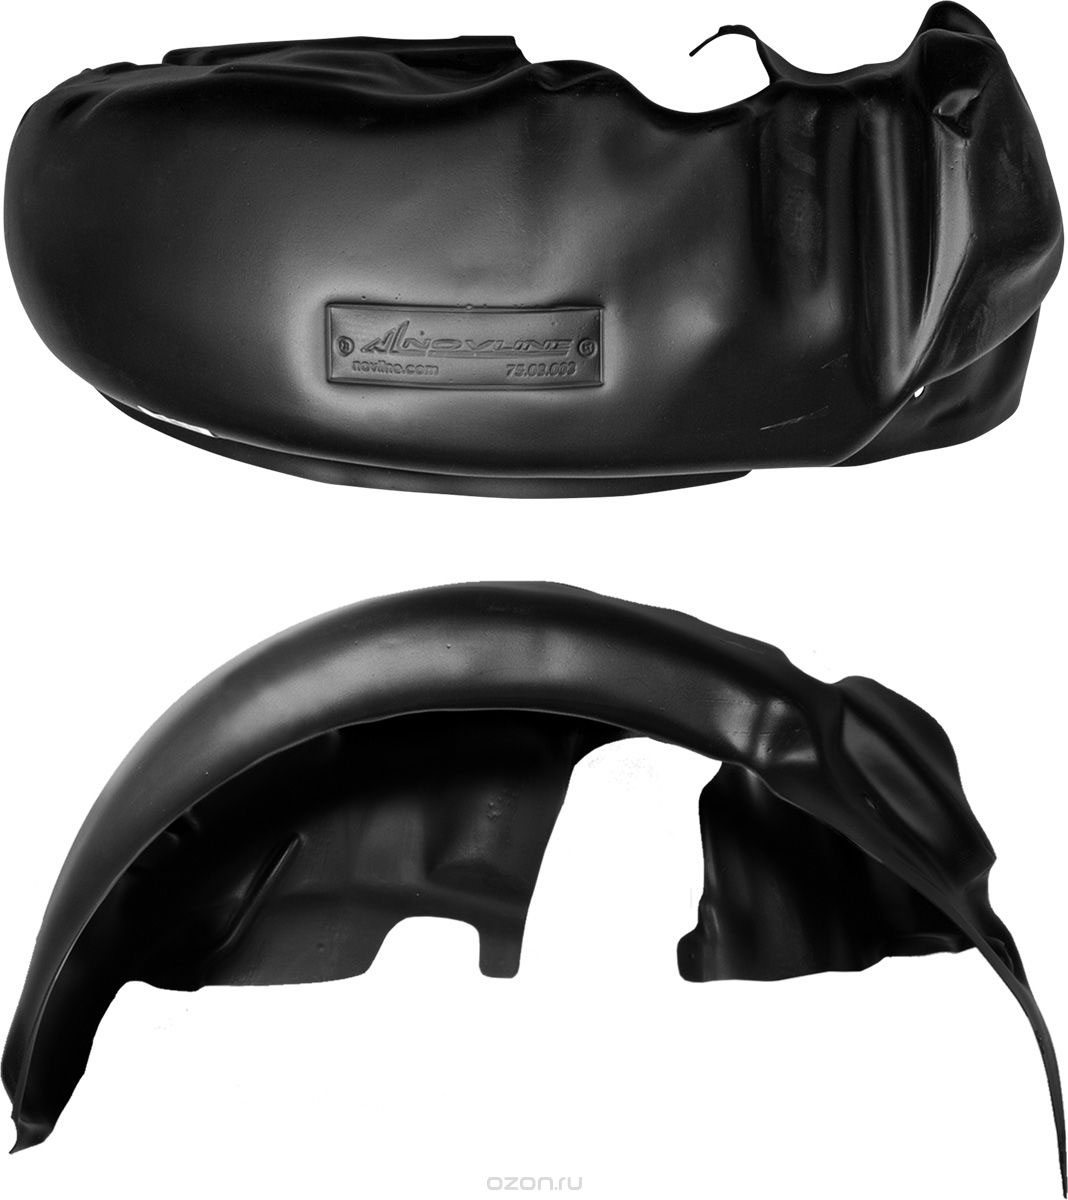 Подкрылок Novline-Autofamily, для НИВА 04/1997->, задний левыйIRK-503Идеальная защита колесной ниши. Локеры разработаны с применением цифровых технологий, гарантируют максимальную повторяемость поверхности арки. Изделия устанавливаются без нарушения лакокрасочного покрытия автомобиля, каждый подкрылок комплектуется крепежом. Уважаемые клиенты, обращаем ваше внимание, что фотографии на подкрылки универсальные и не отражают реальную форму изделия. При этом само изделие идет точно под размер указанного автомобиля.